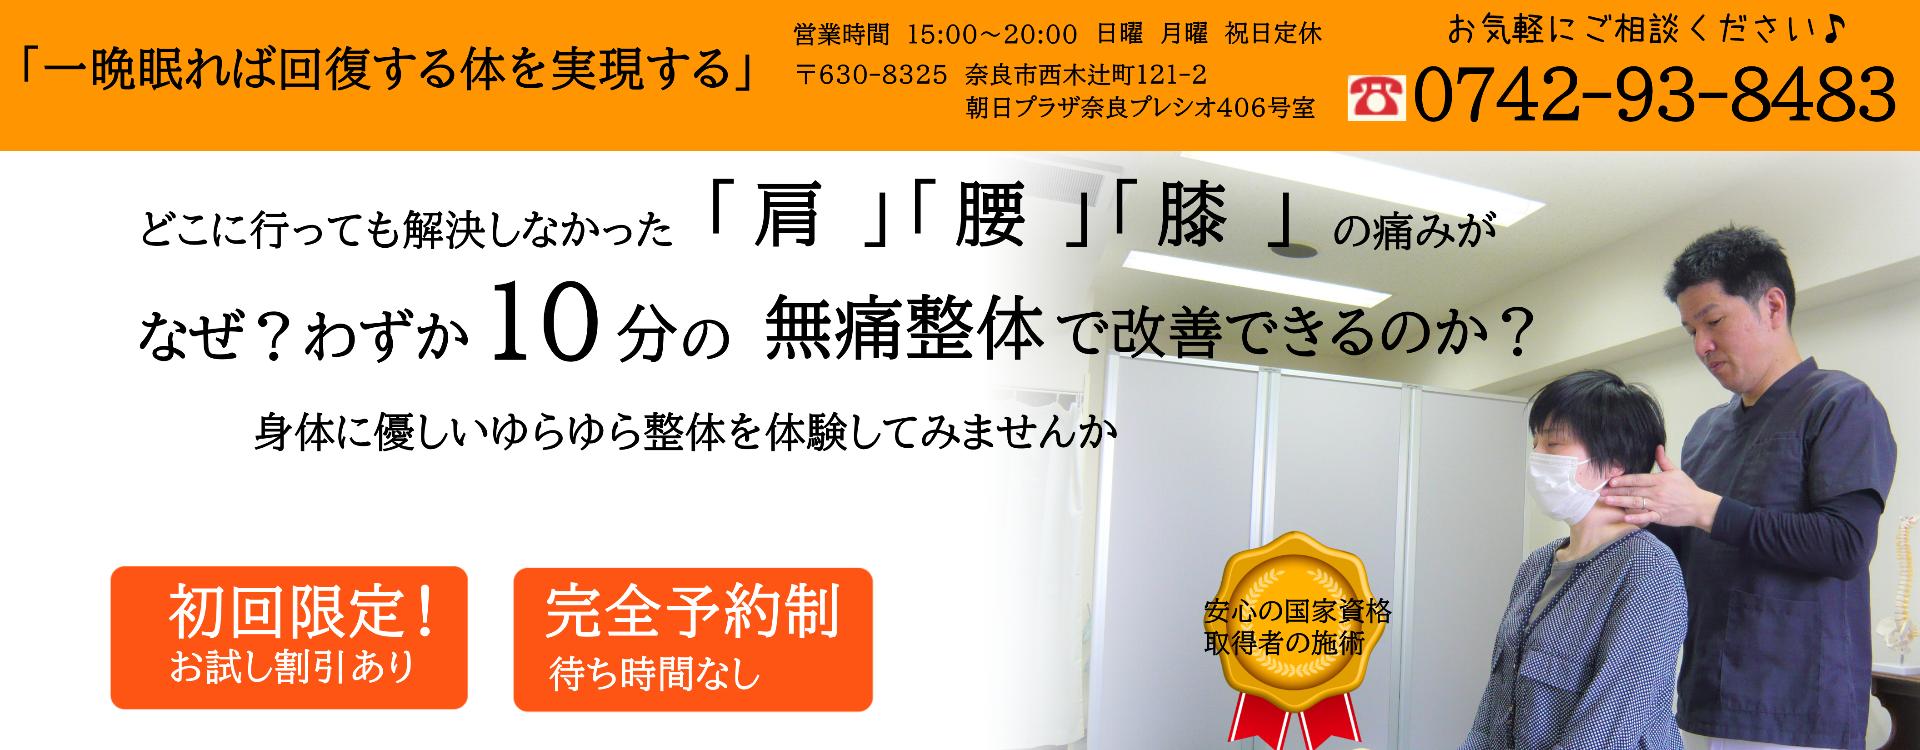 奈良市の整体なら痛くなく効果の高い背骨調整「まほろば整骨院」